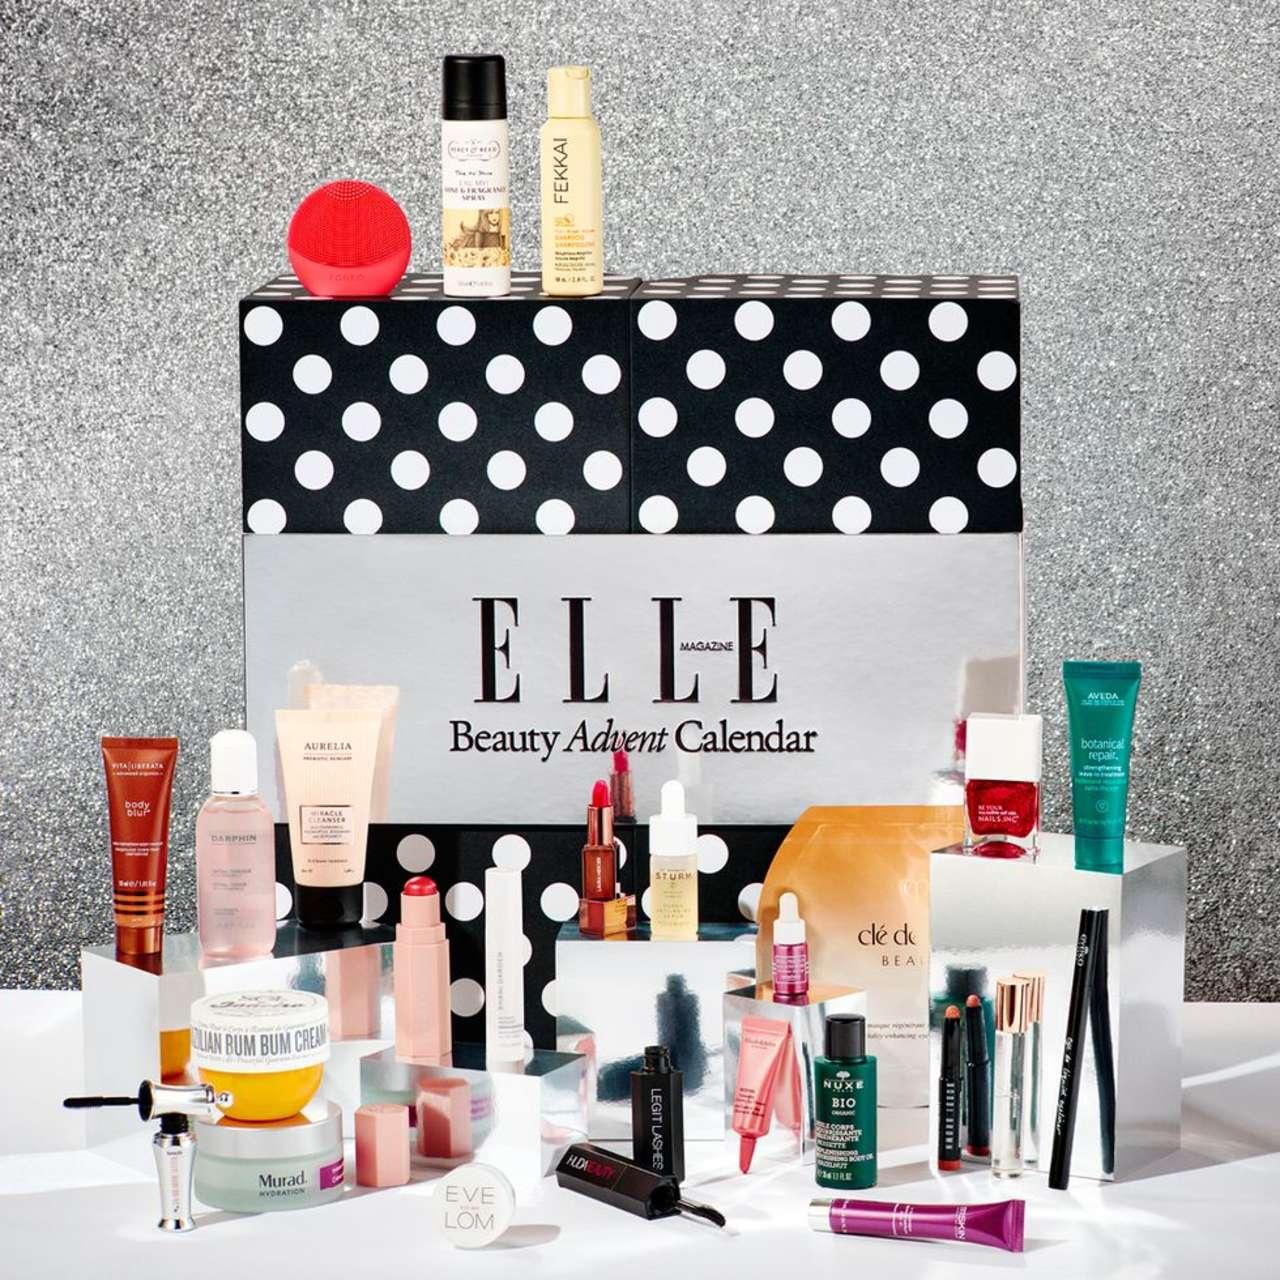 calendario adviento belleza Elle 2021